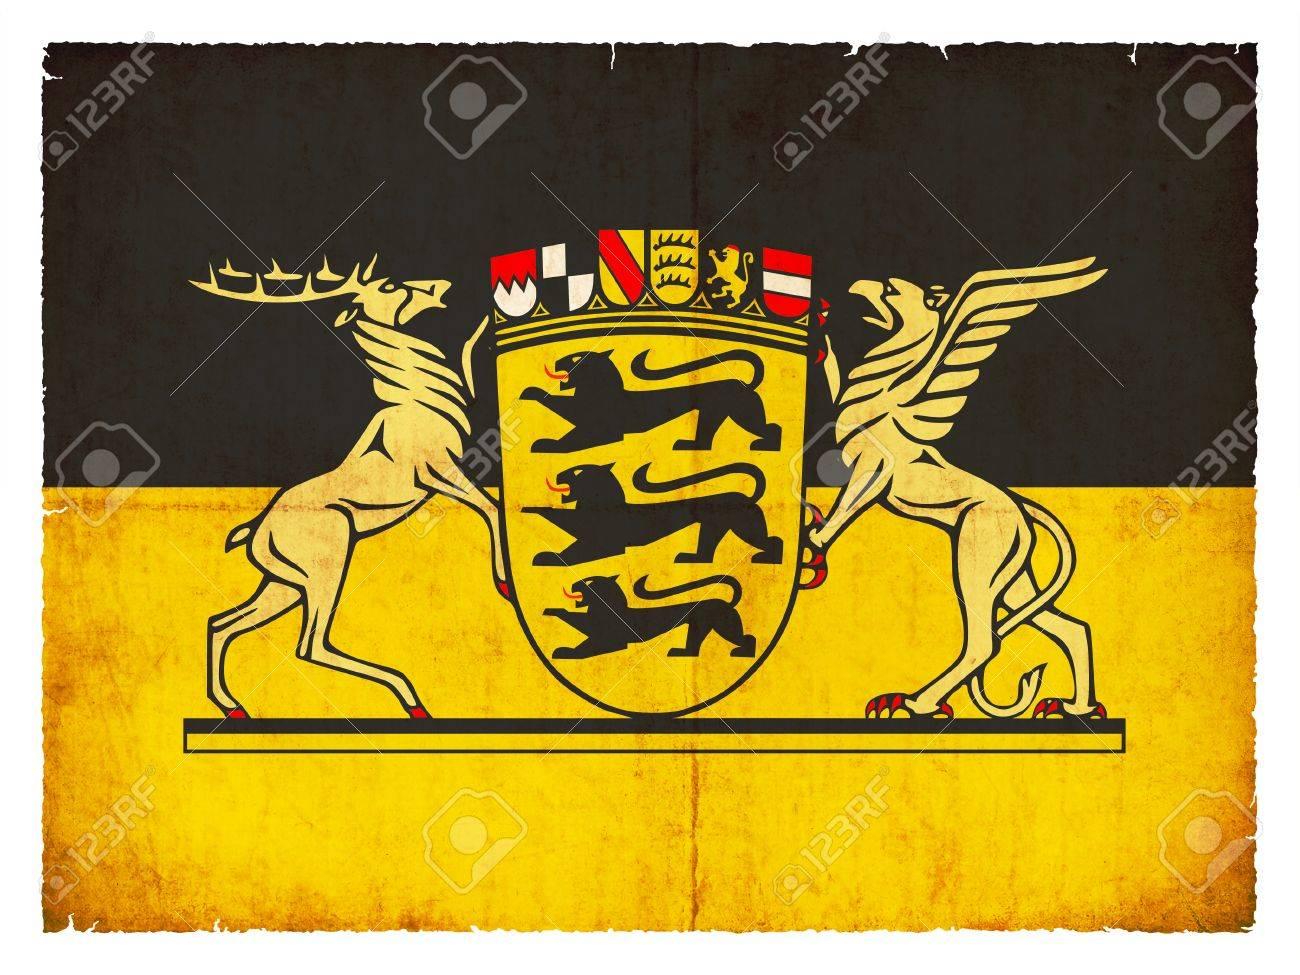 Flagge Der Deutschen Provinz Baden Wurttemberg Erstellt Im Grunge Stil Mit Wappen Lizenzfreie Fotos Bilder Und Stock Fotografie Image 23812160